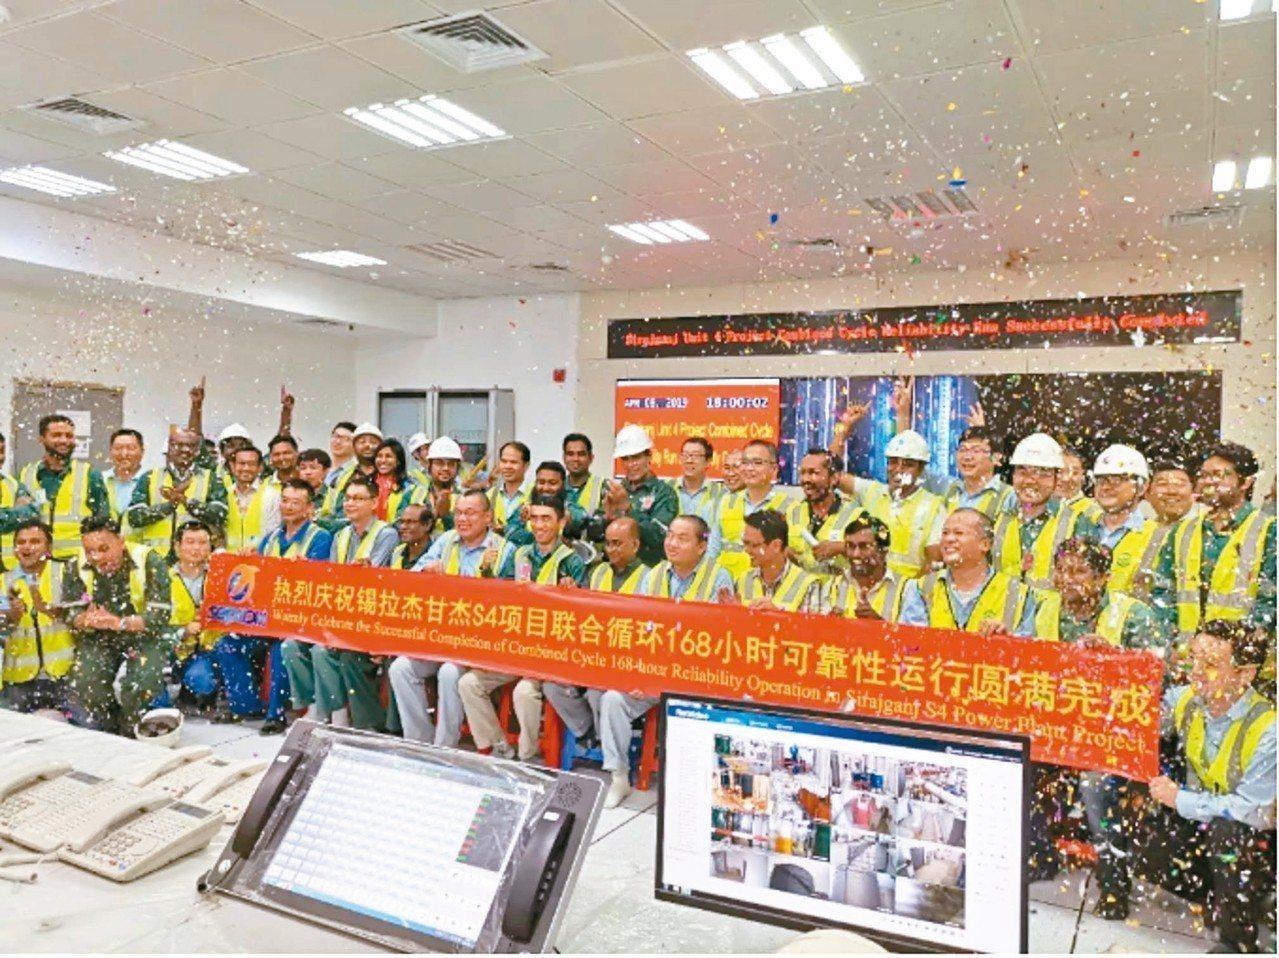 四川德陽的東方電氣集團東方汽輪機有限公司與孟加拉,雙方工作人員慶祝可靠性運行圓滿...